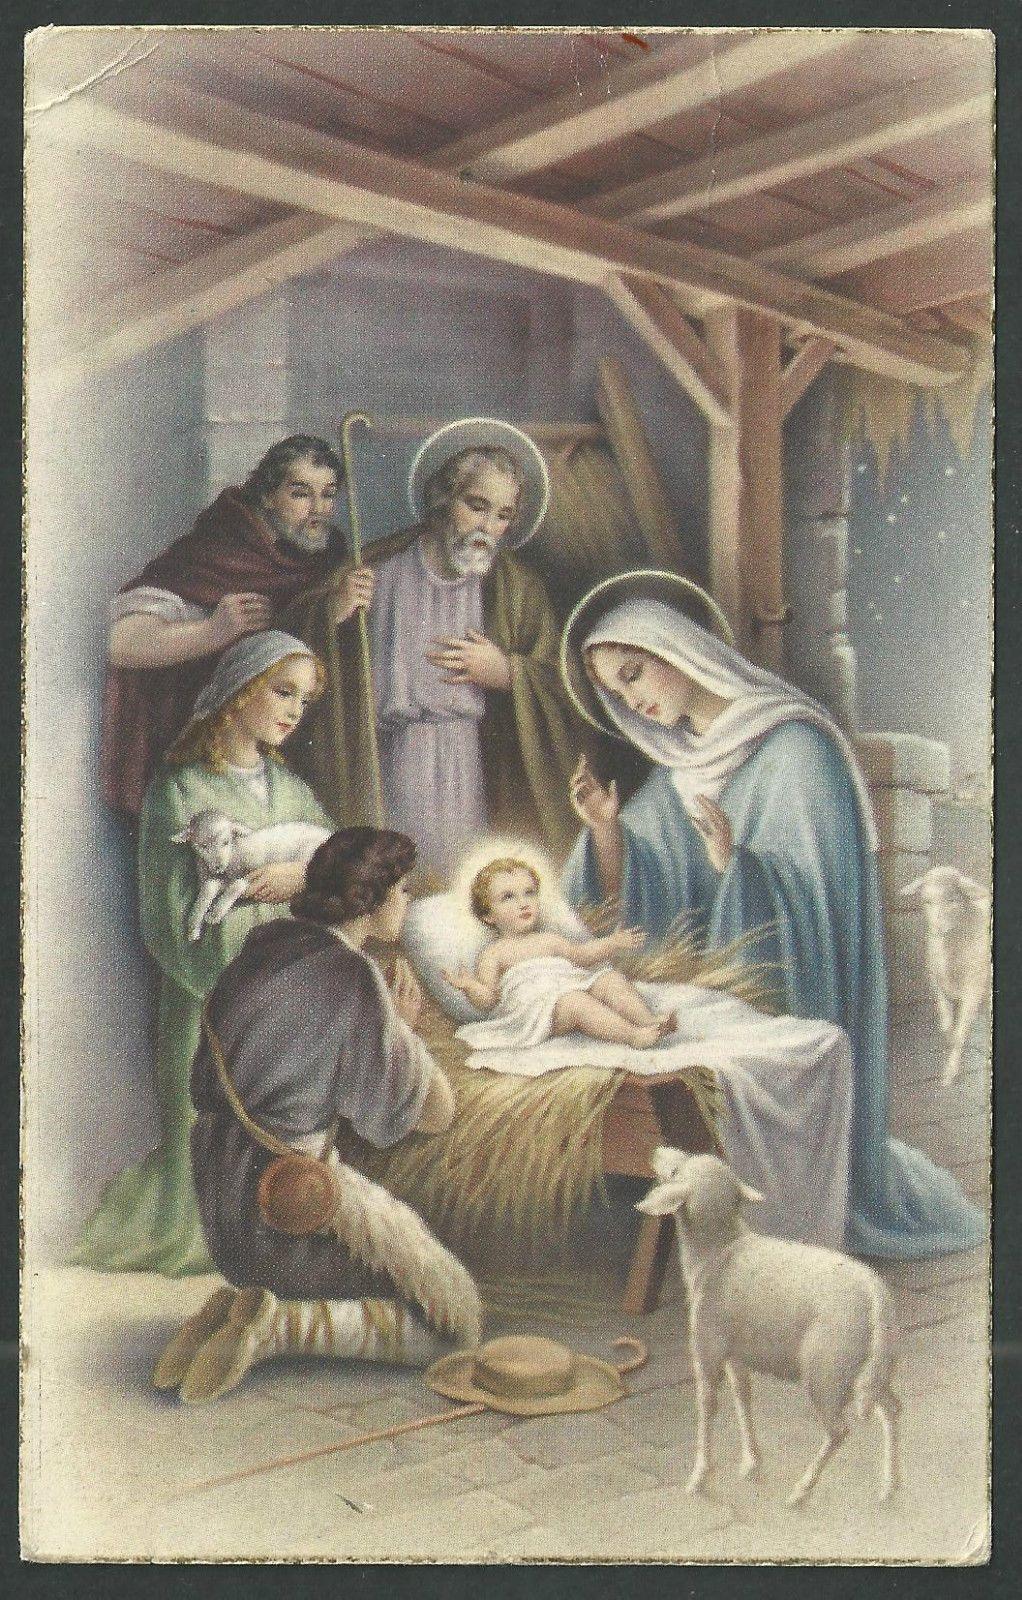 Библейские сюжеты на открытках, открытки